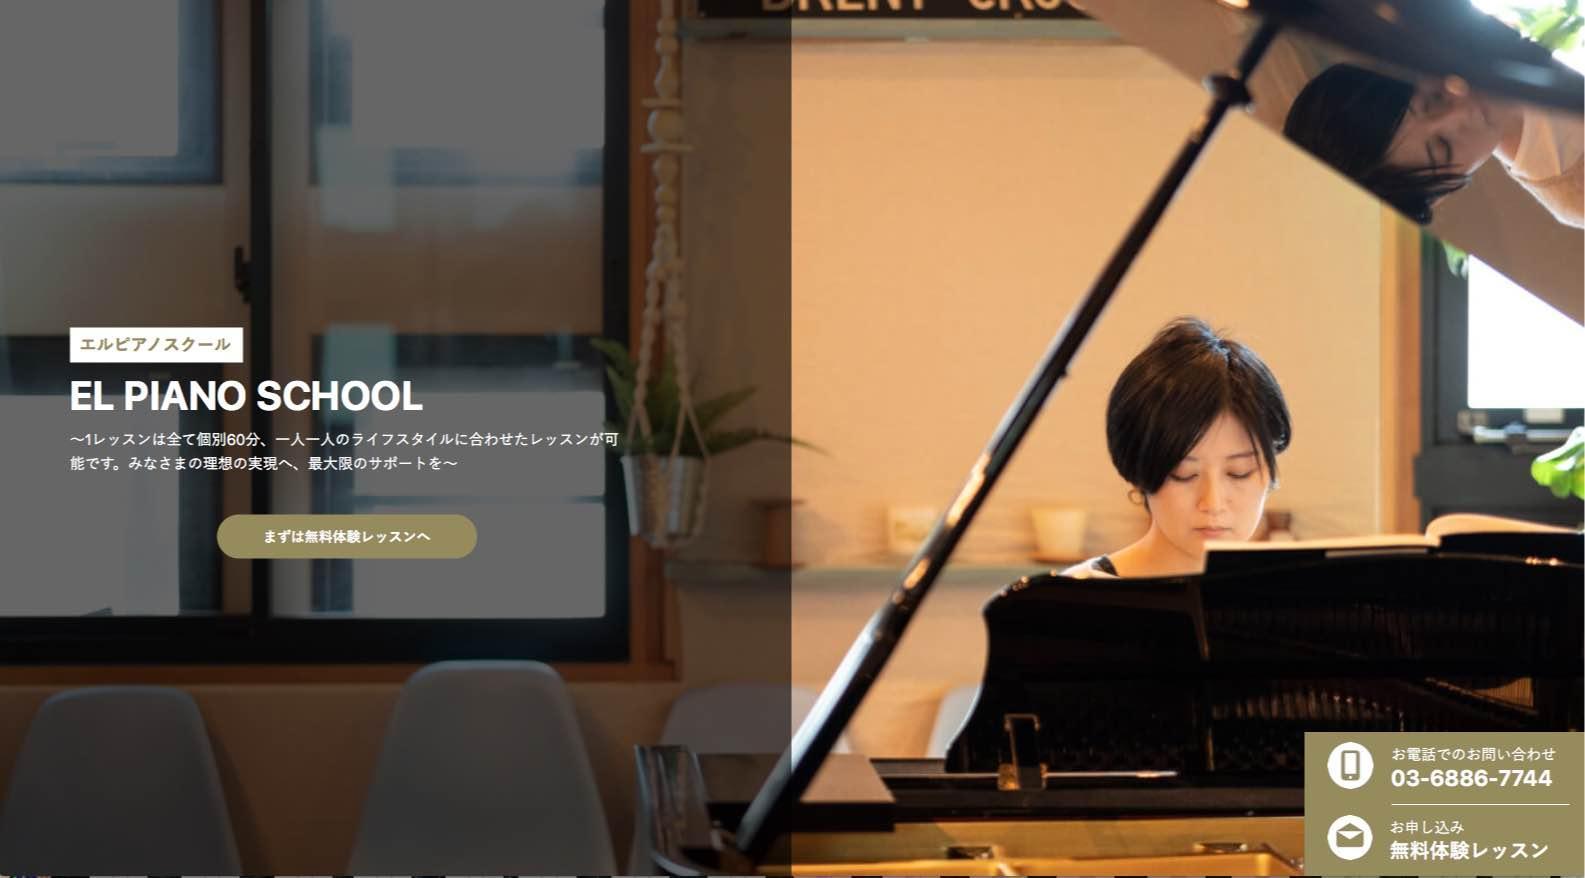 エルピアノスクール 池袋ピアノ教室